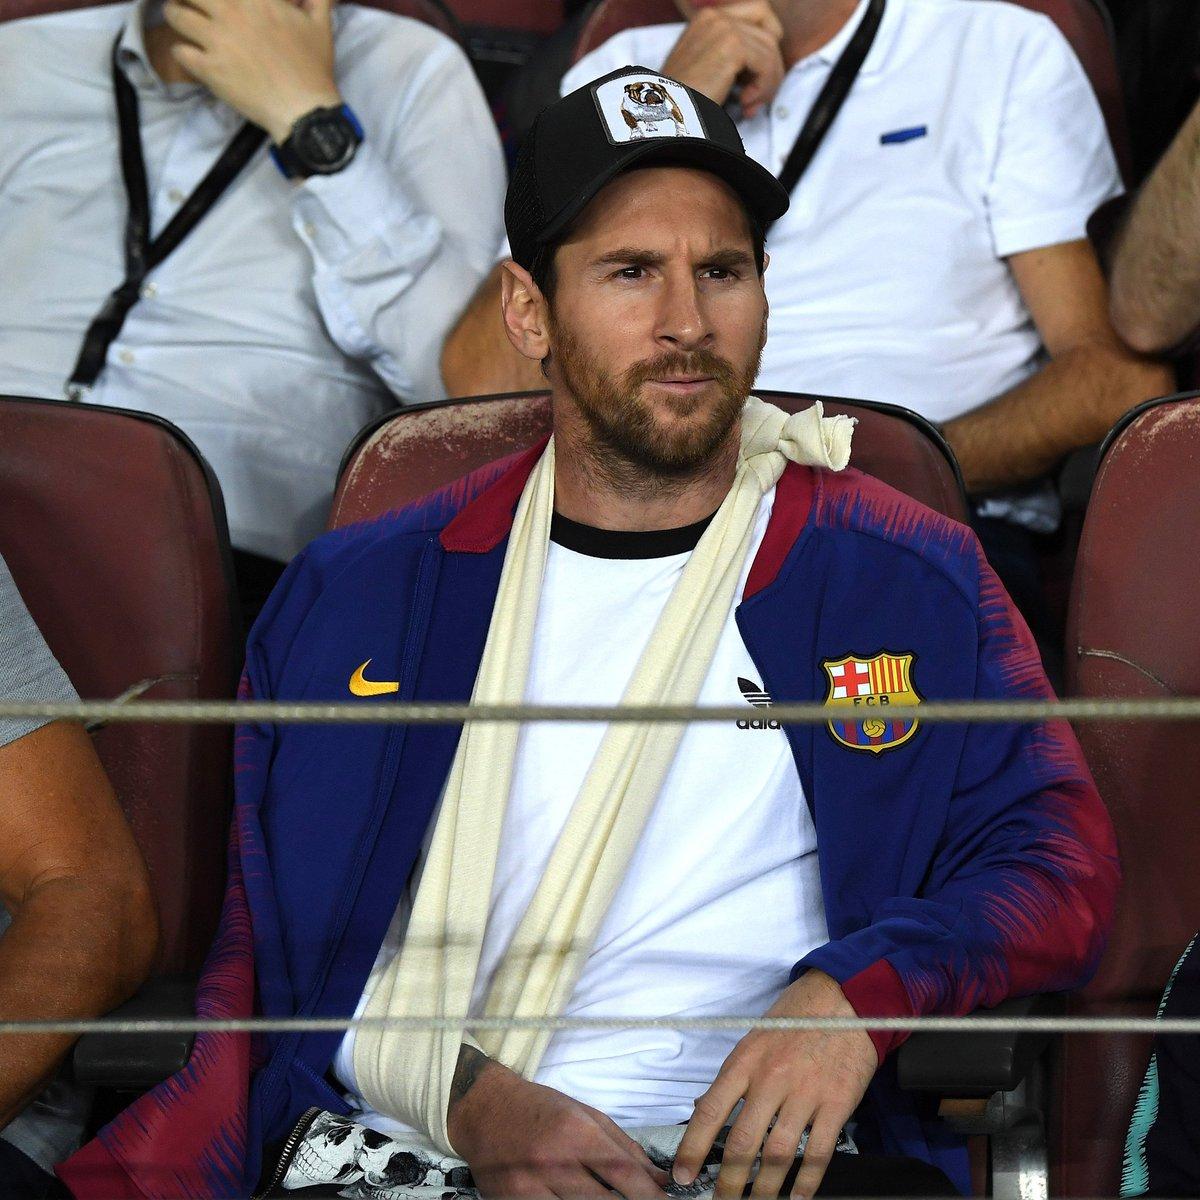 b7b53b27b3781 Messi rockin  the Butch trucker baseball cap from Goorin Bros. tonight.   FuerzaLeopic.twitter.com kuCM0WDMus